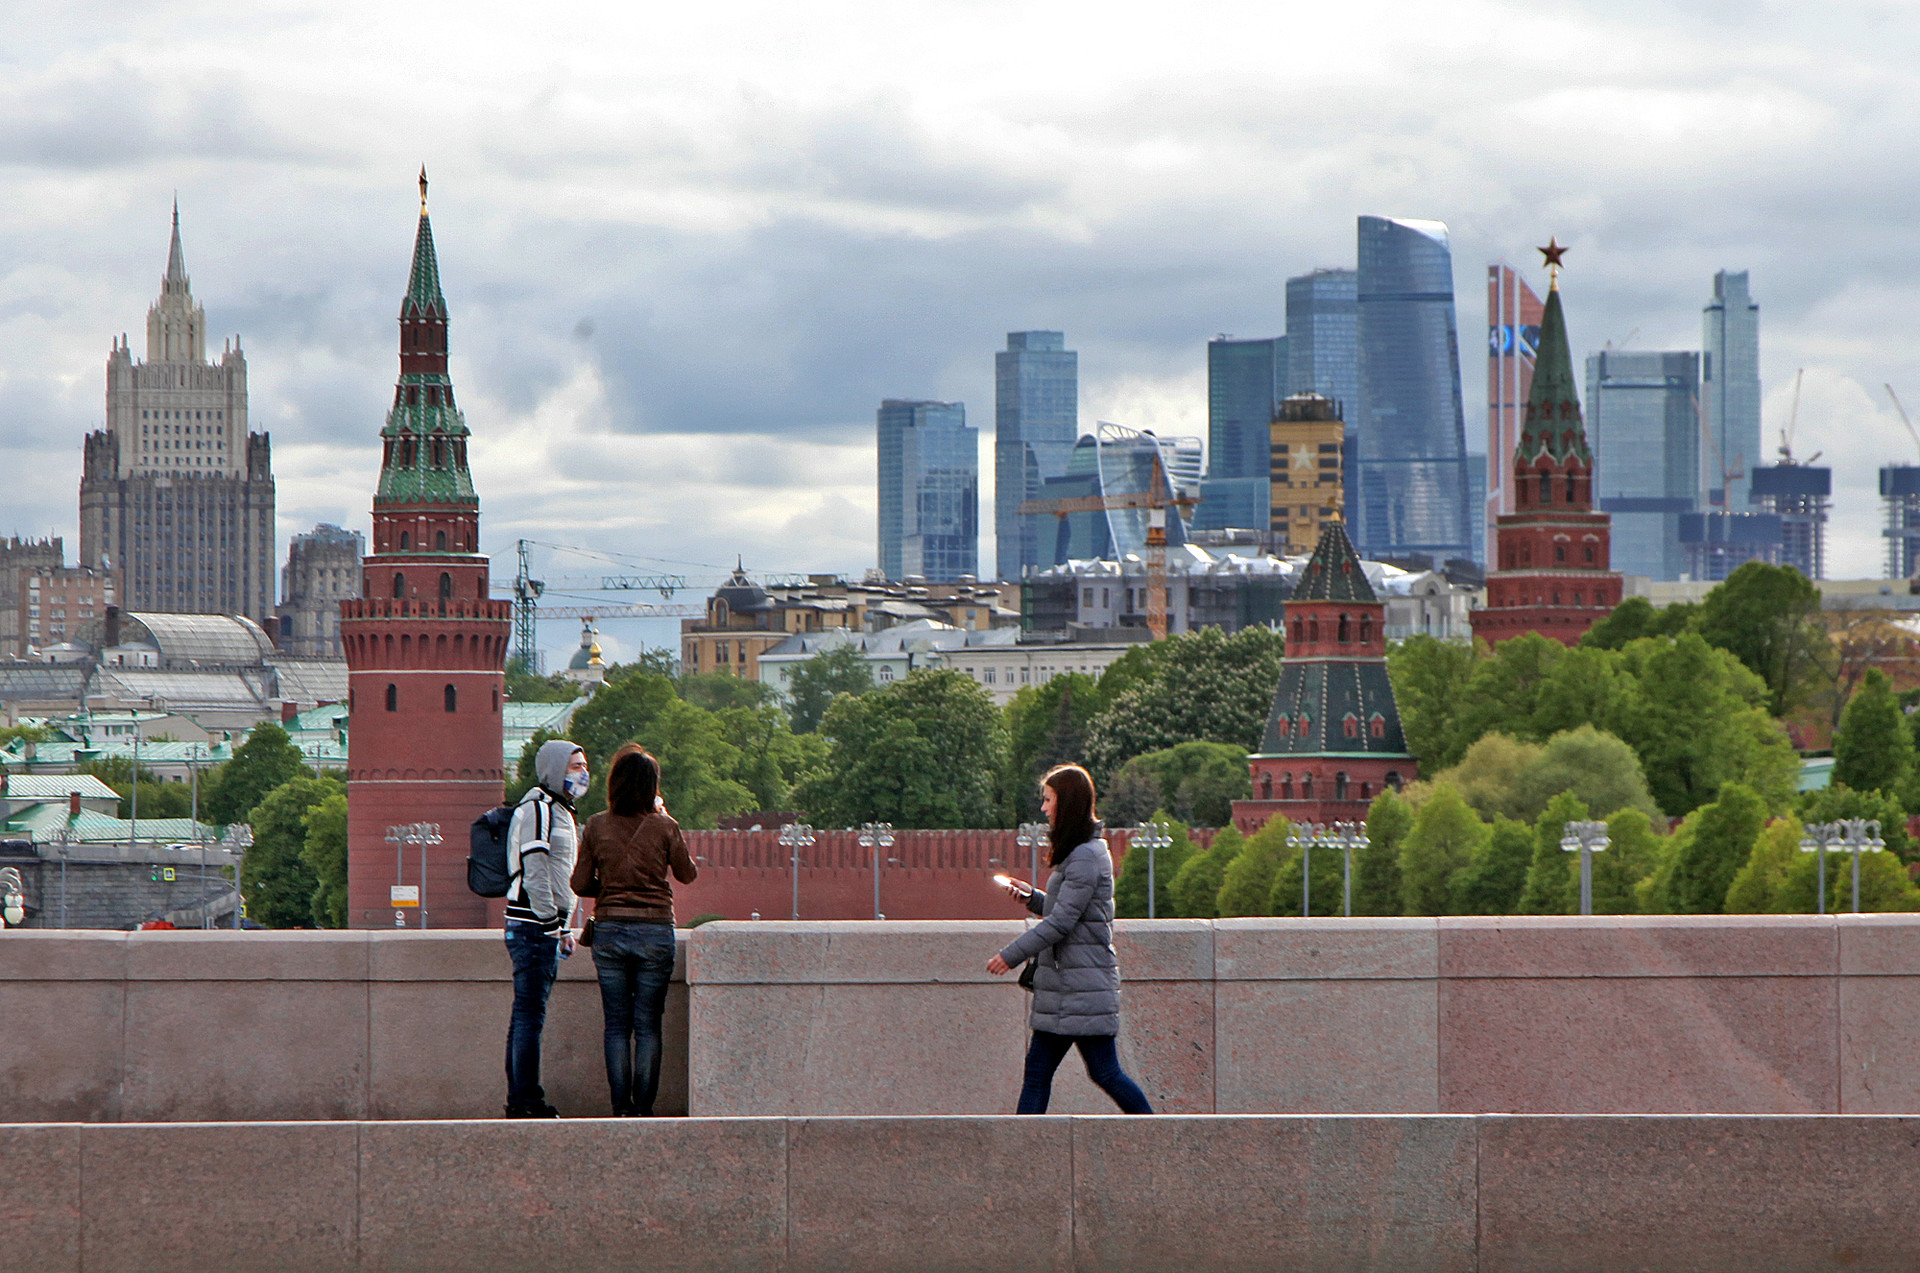 Suasana di Jembatan Moskvoretsky Bolshoy dengan pemandangan Kremlin, Distrik Bisnis Moscow City, dan gedung Kementerian Luar Negeri Rusia  — salah satu dari tujuh gedung kembar Stalin.